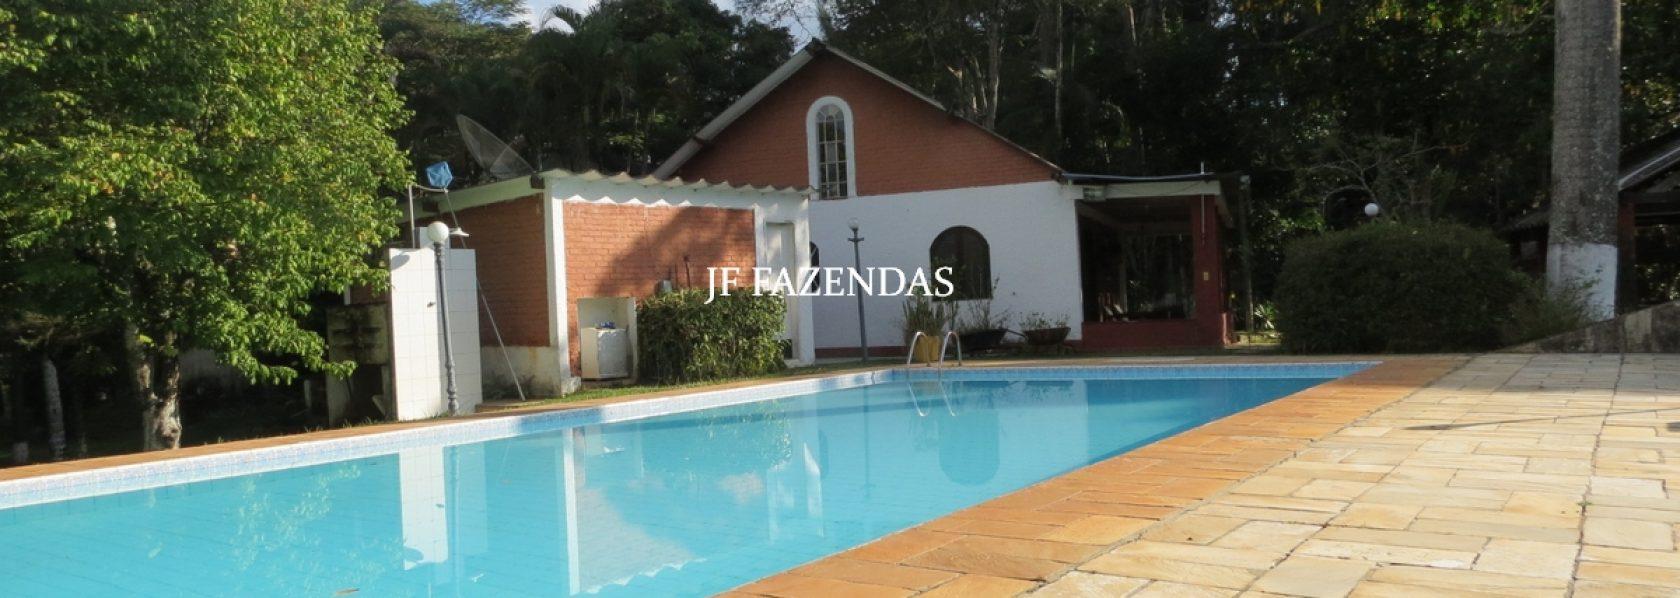 Chácara em Matias Barbosa – MG – 11.000 m²